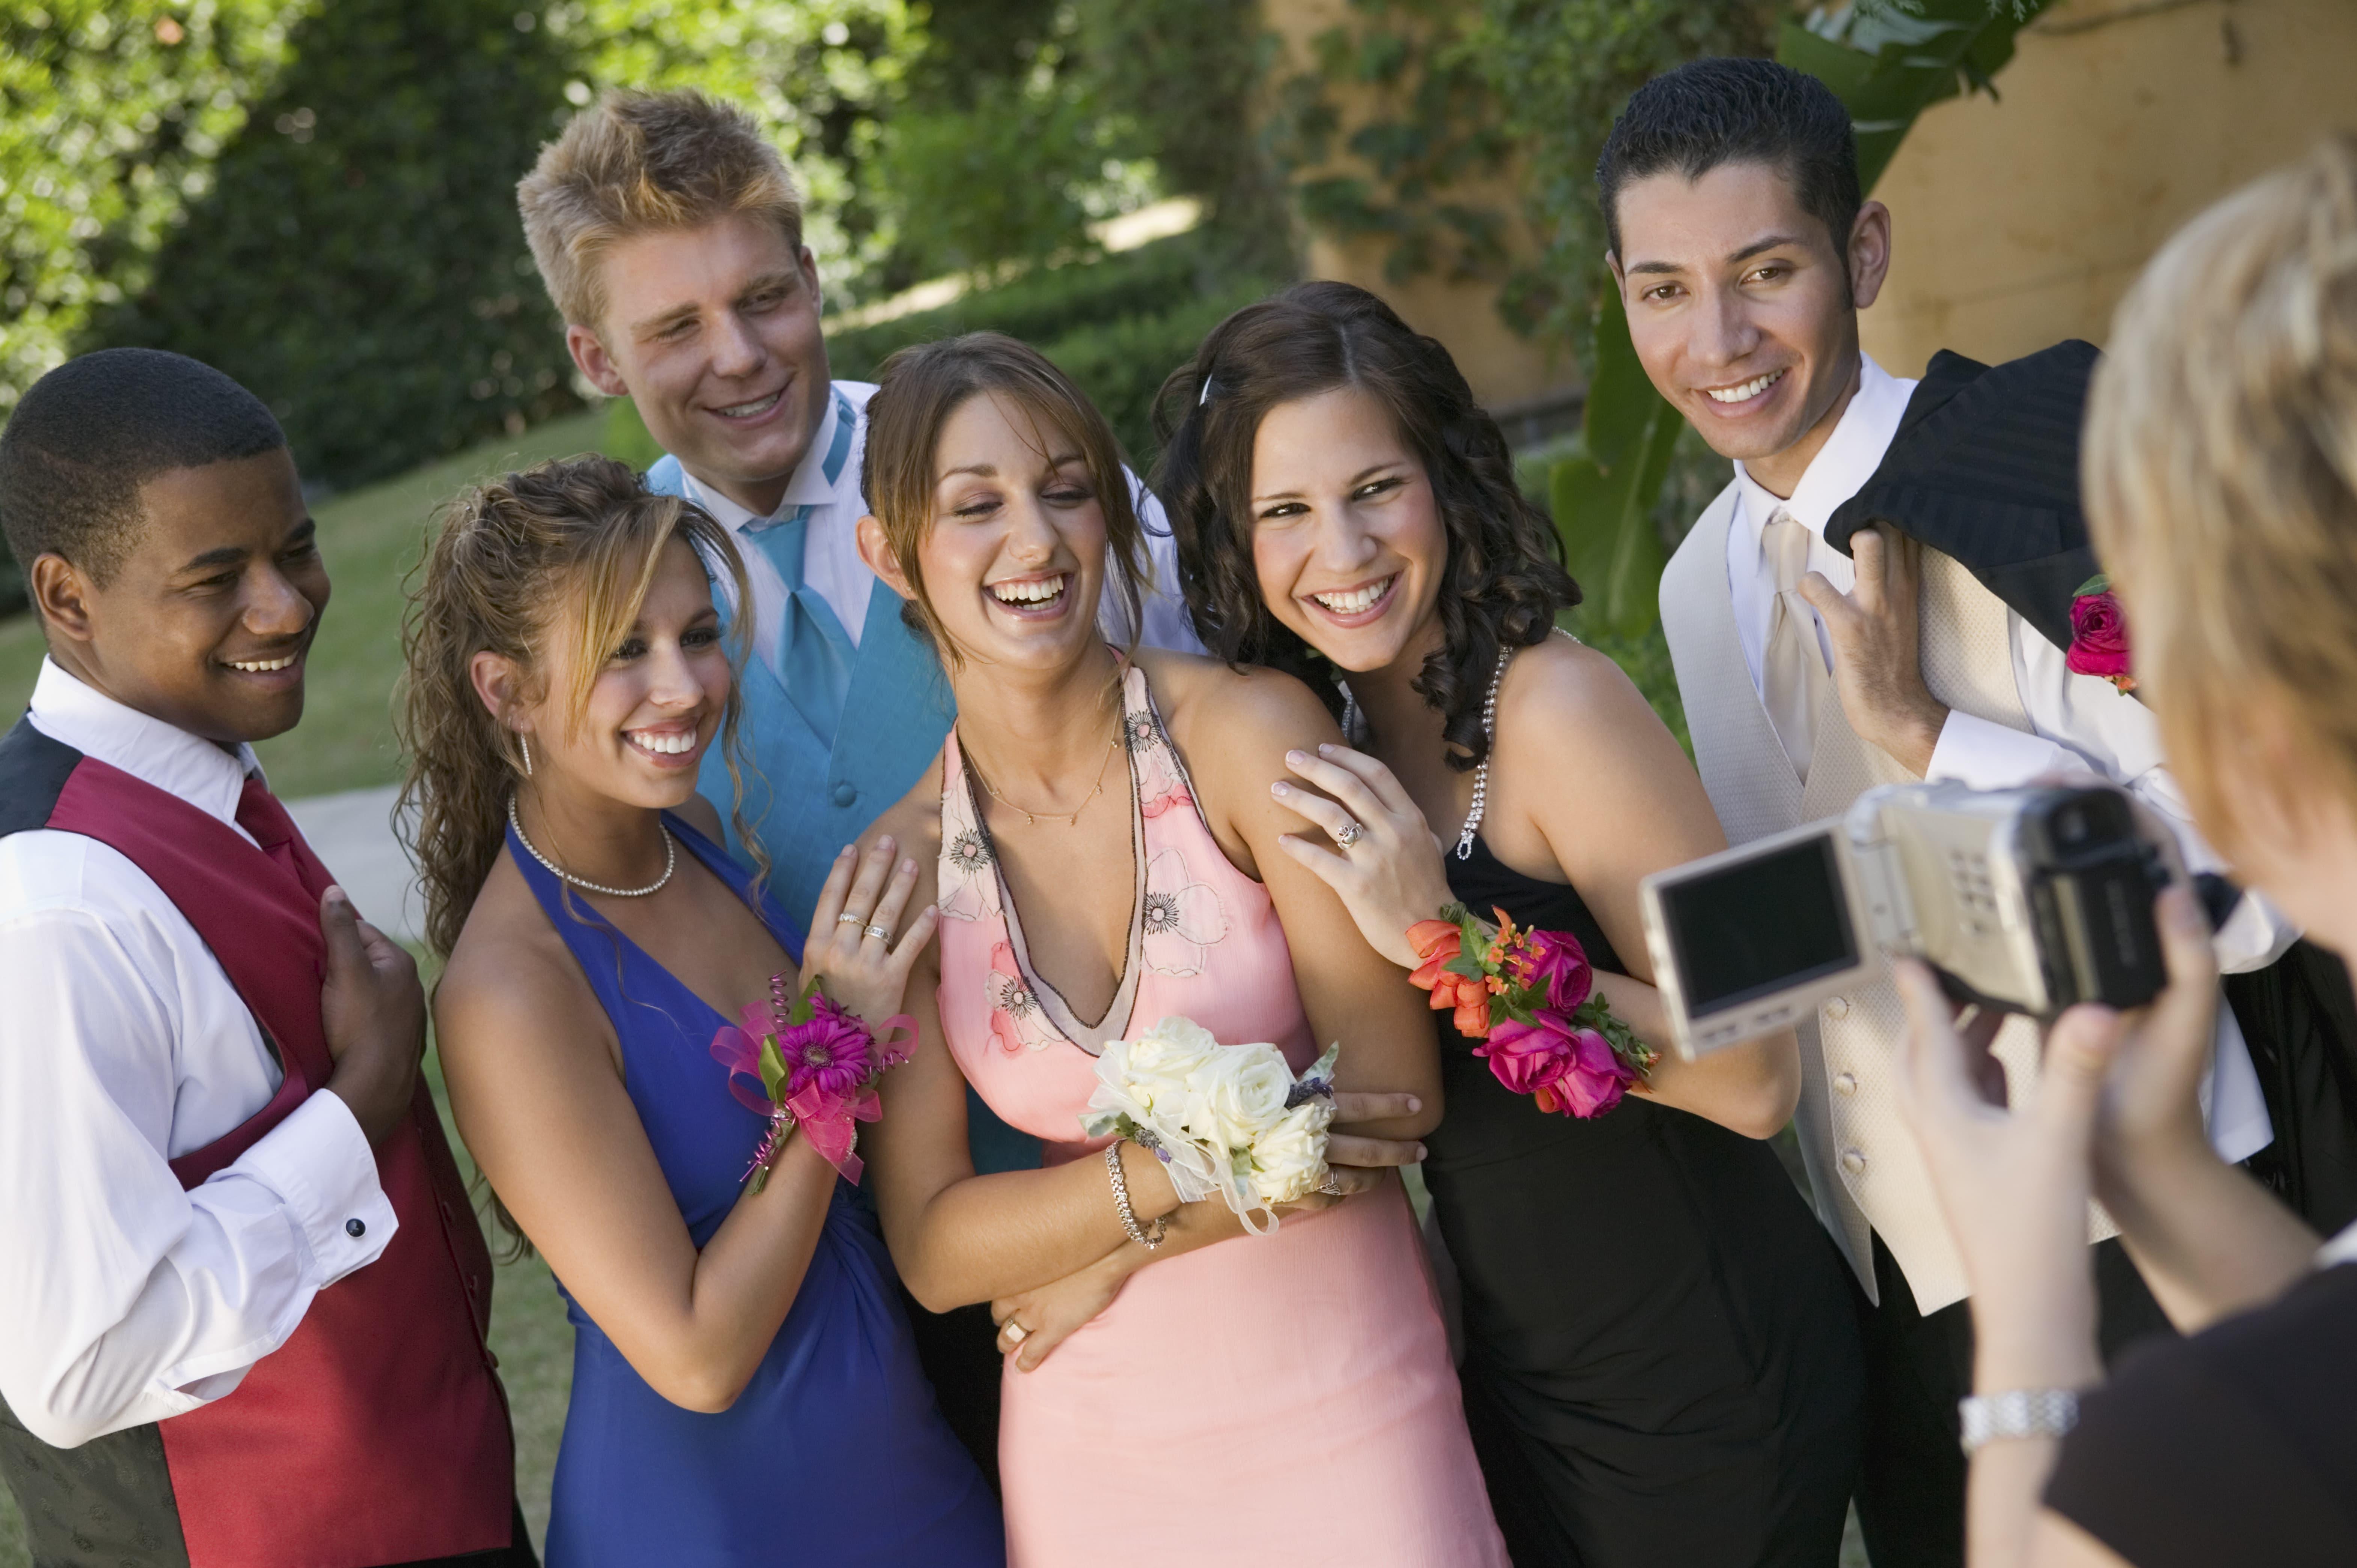 Es wird geheiratet - schöne Kleider für schicke Gäste